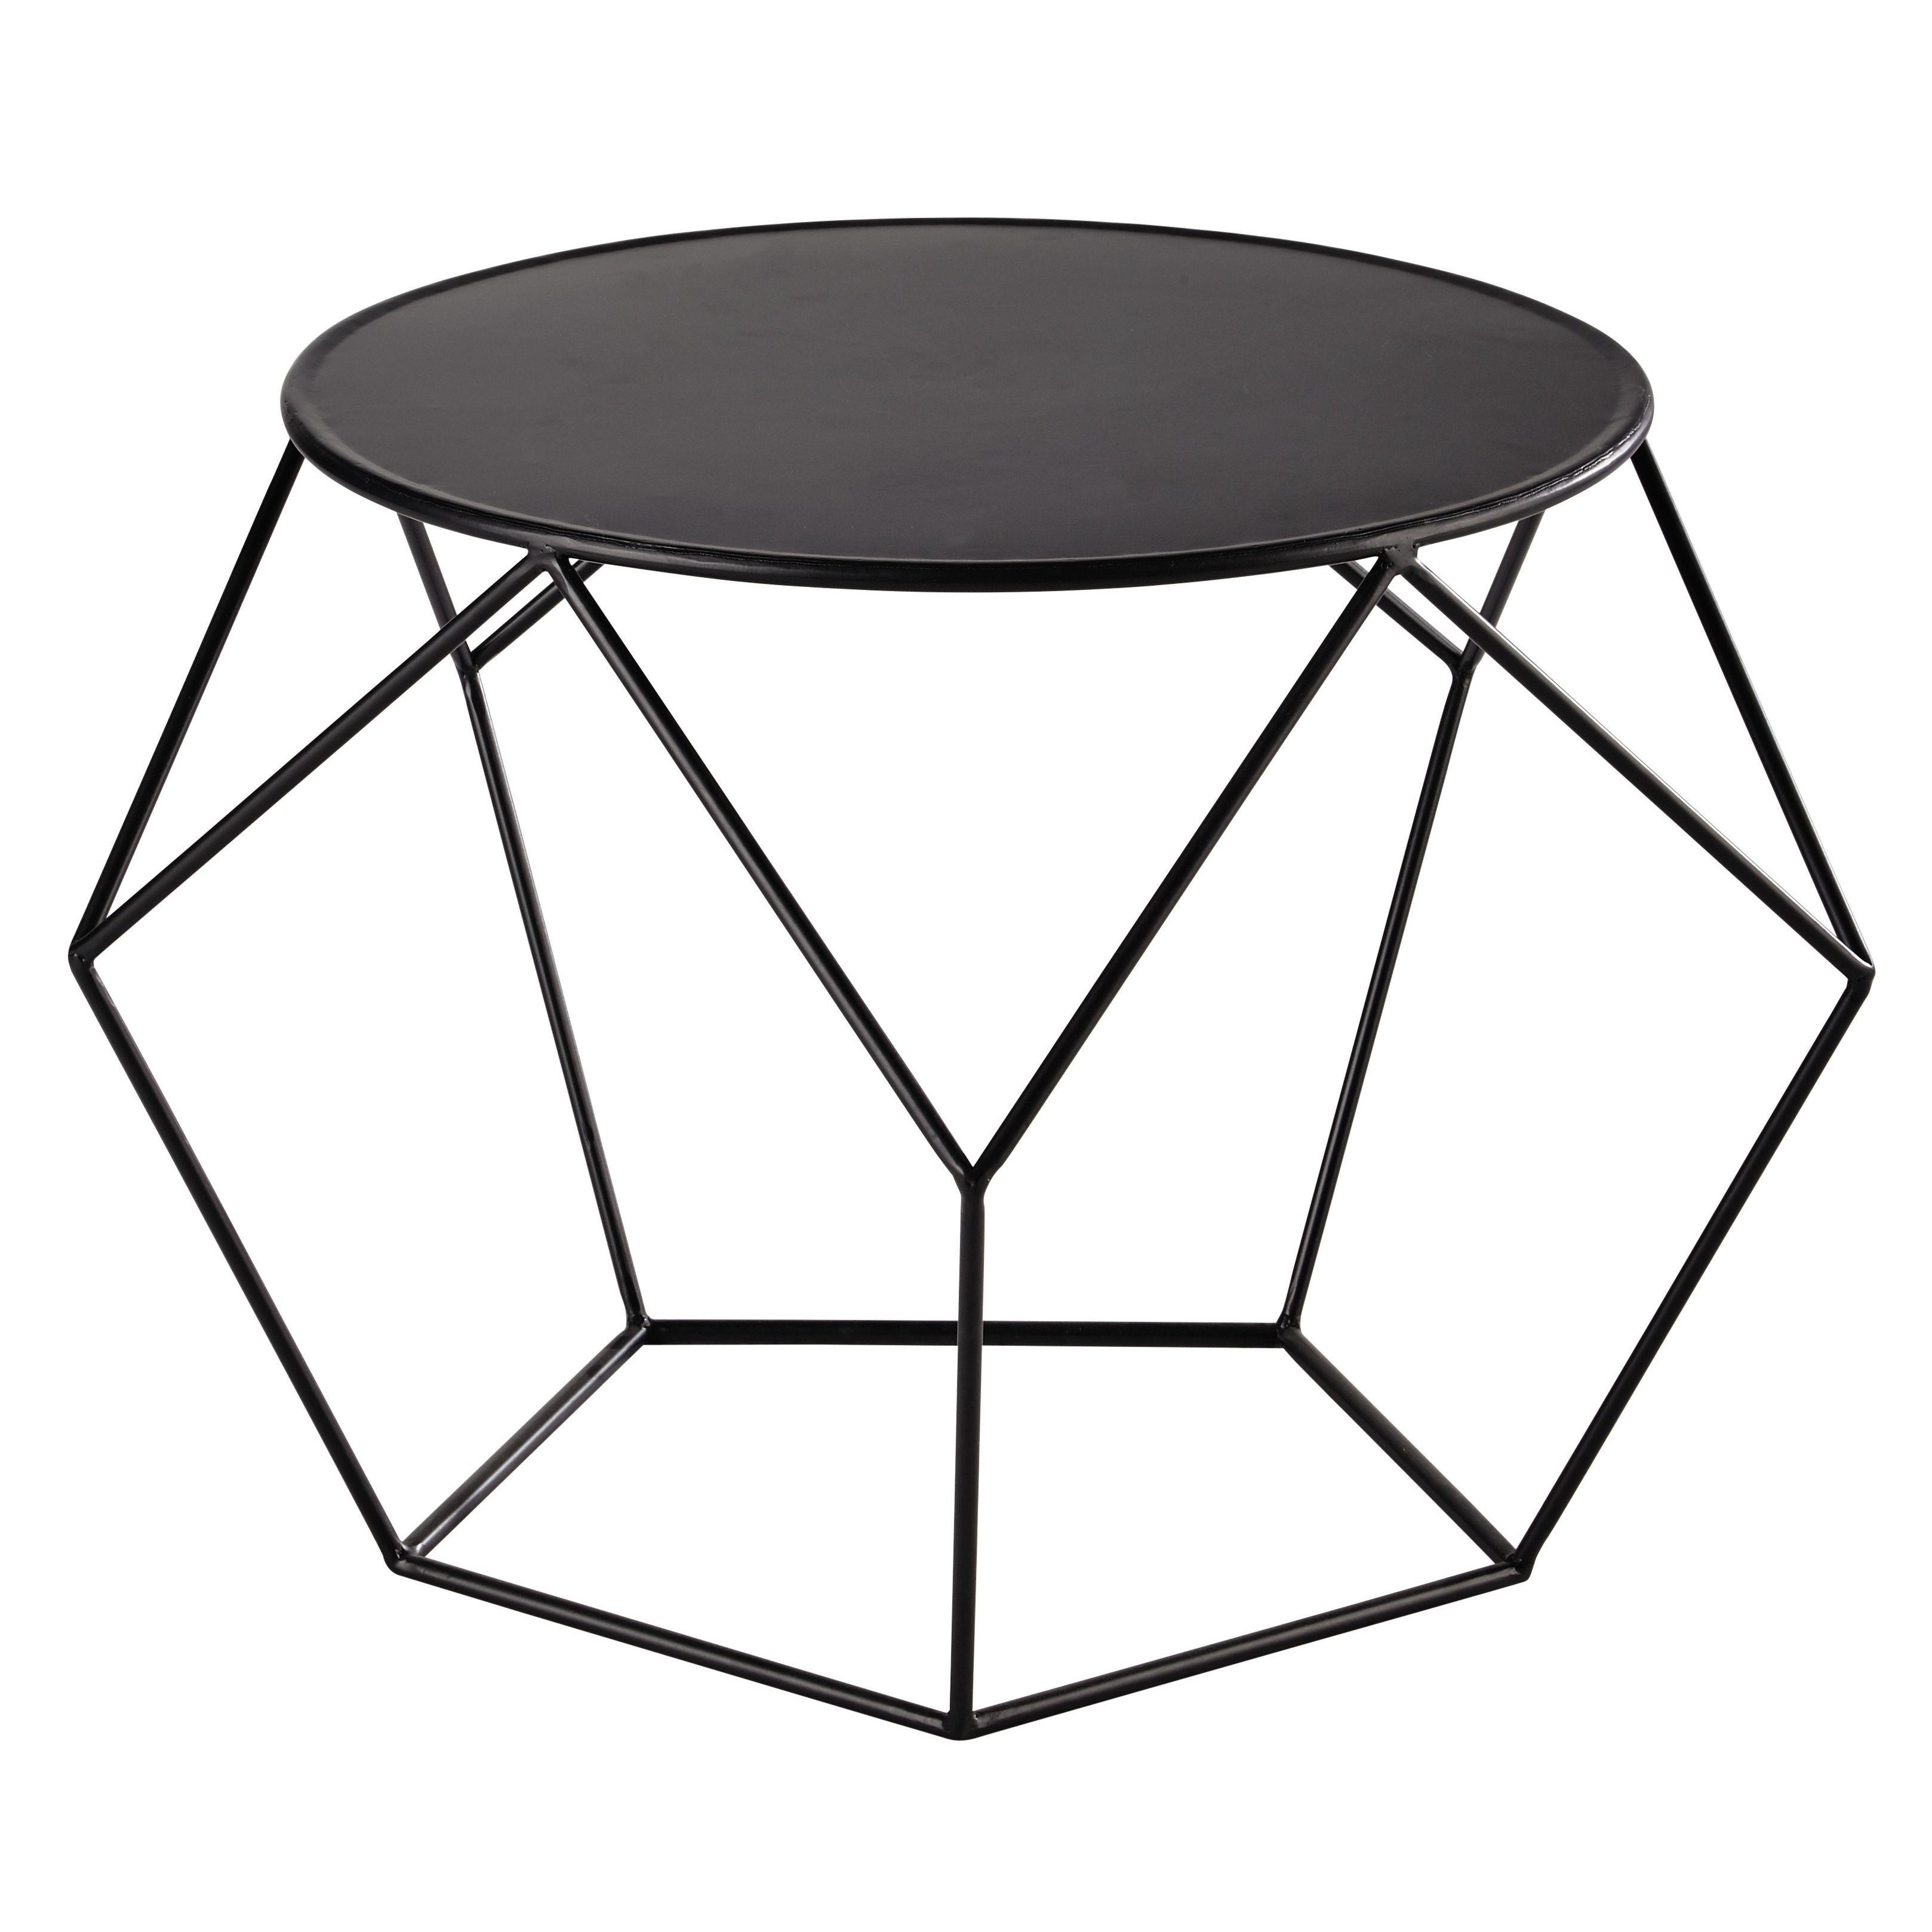 1cc697c75ef0f94e37e9be58918c042b Incroyable De Maison Du Monde Table Basse De Salon Concept